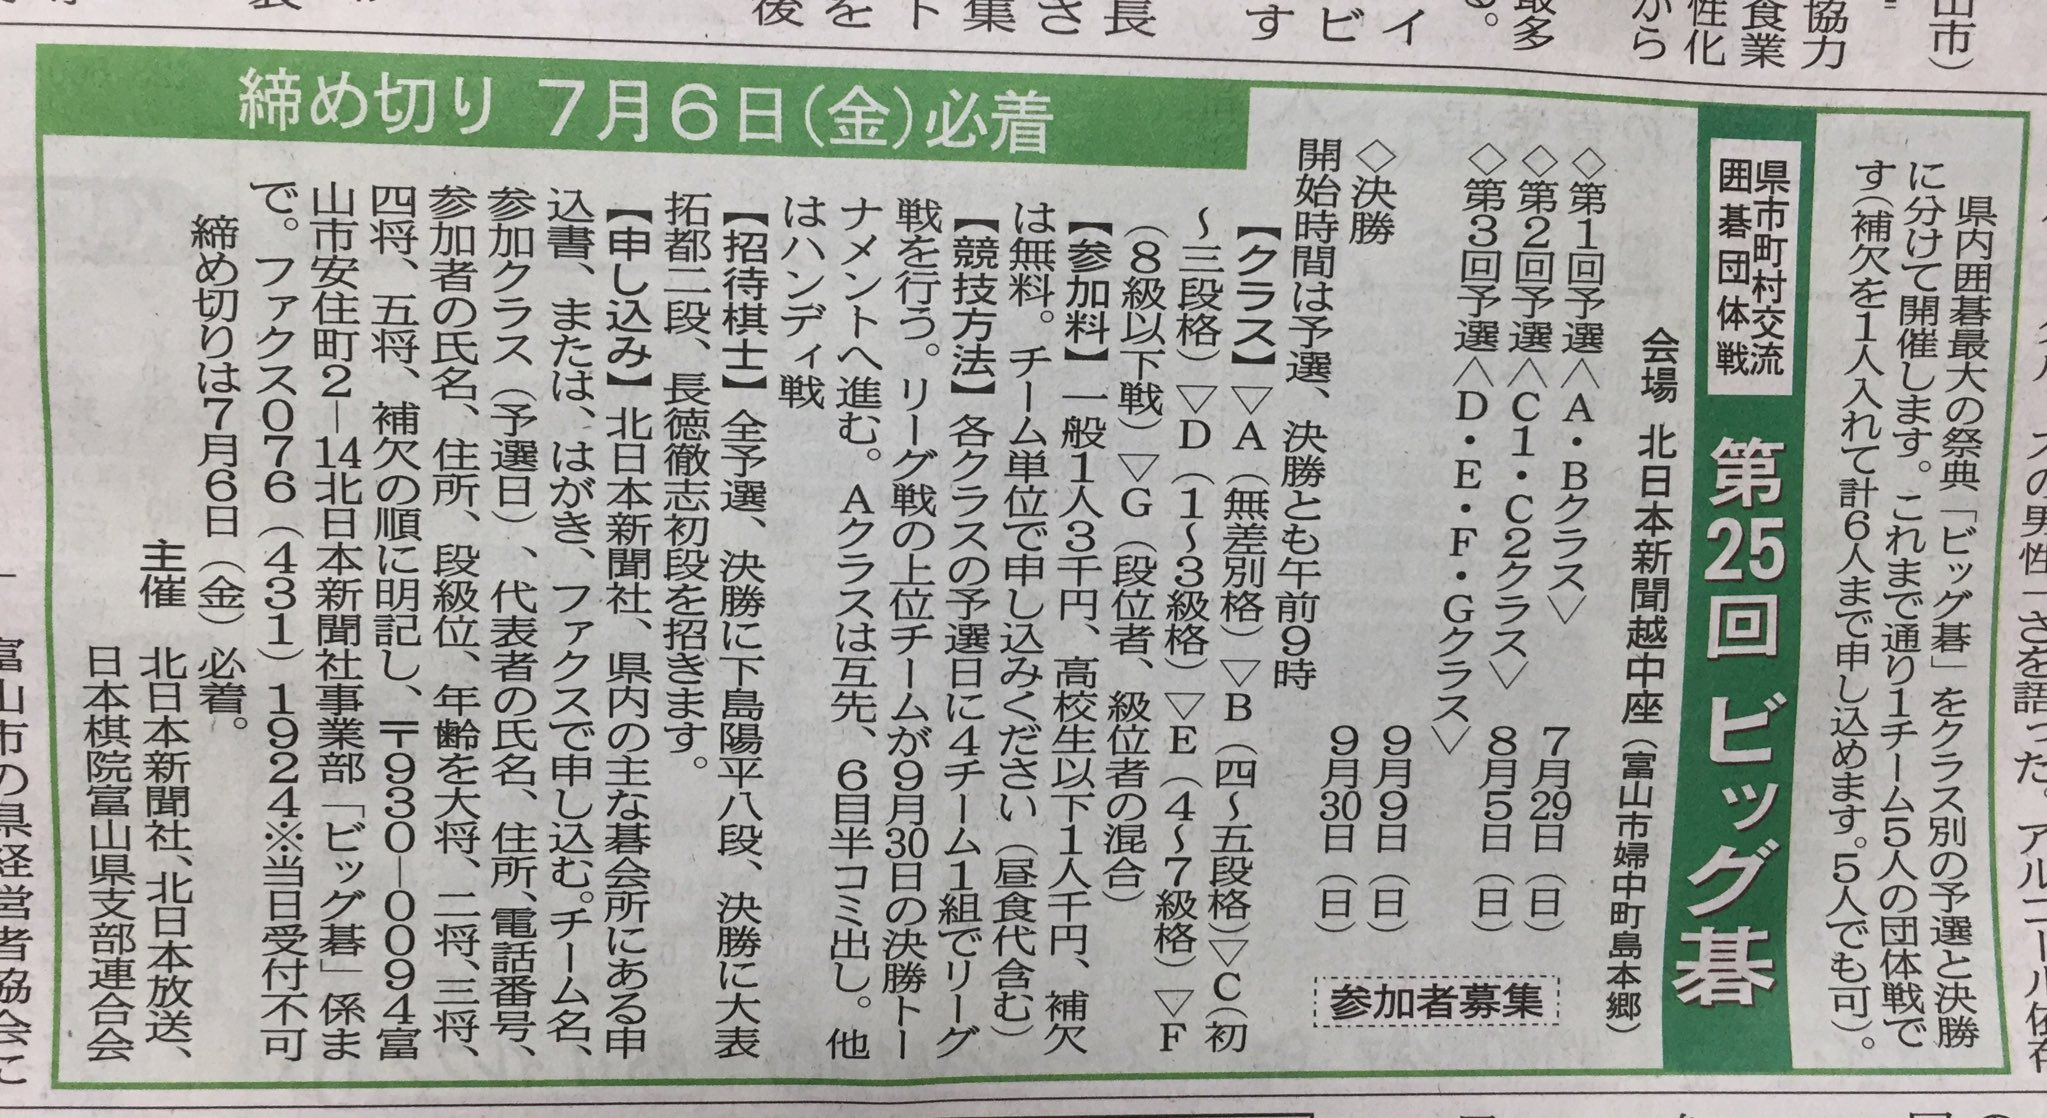 県市町村交流囲碁団体戦第25回ビッグ碁